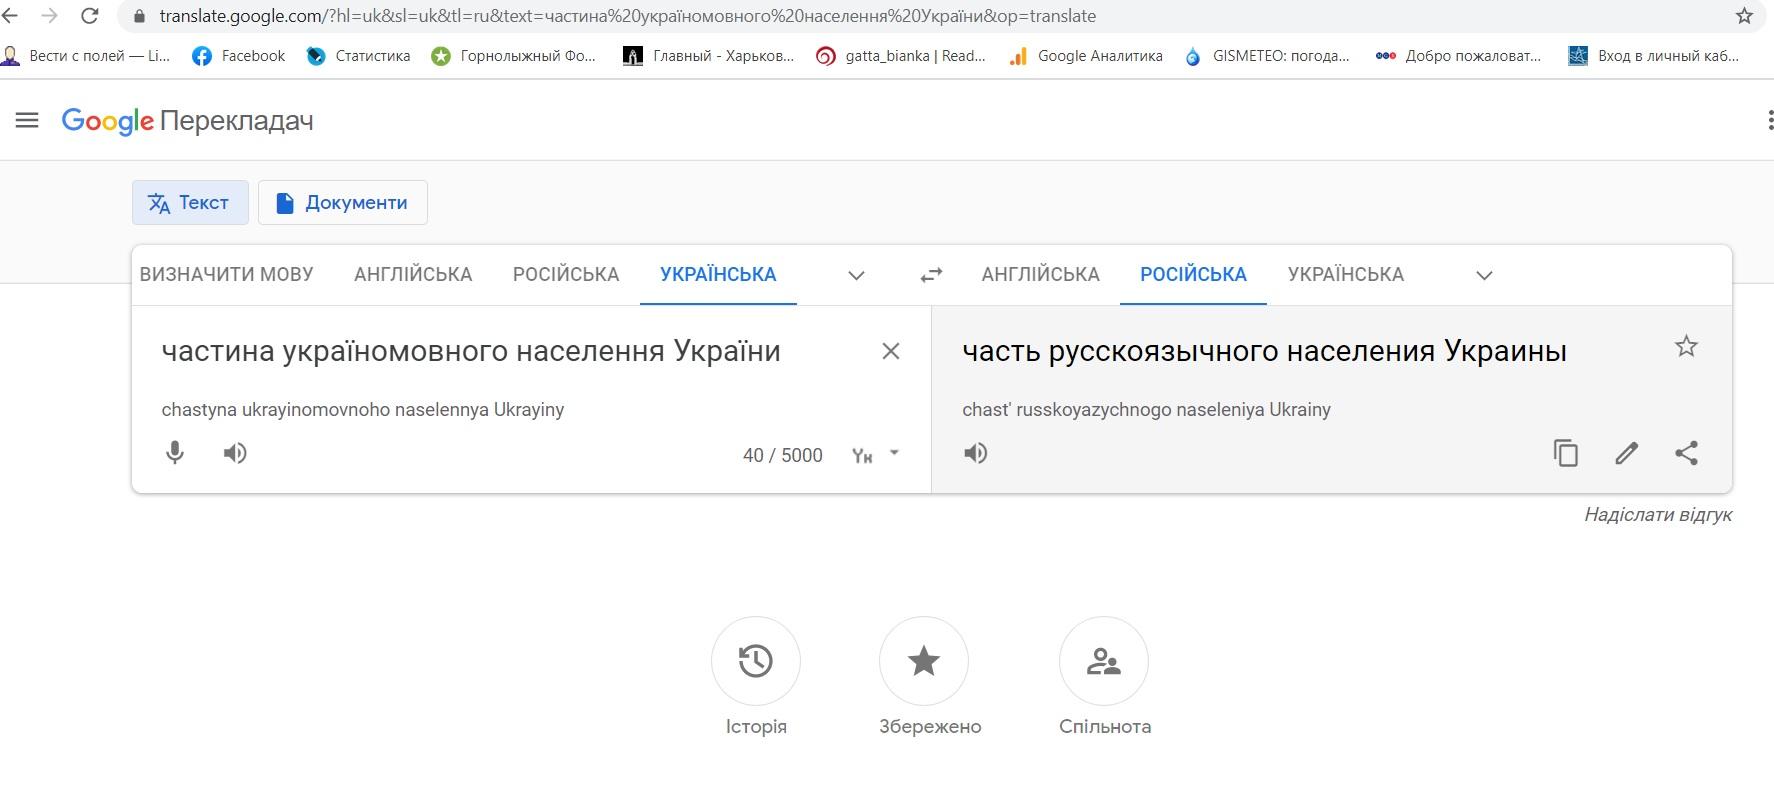 частина україномовного населення України